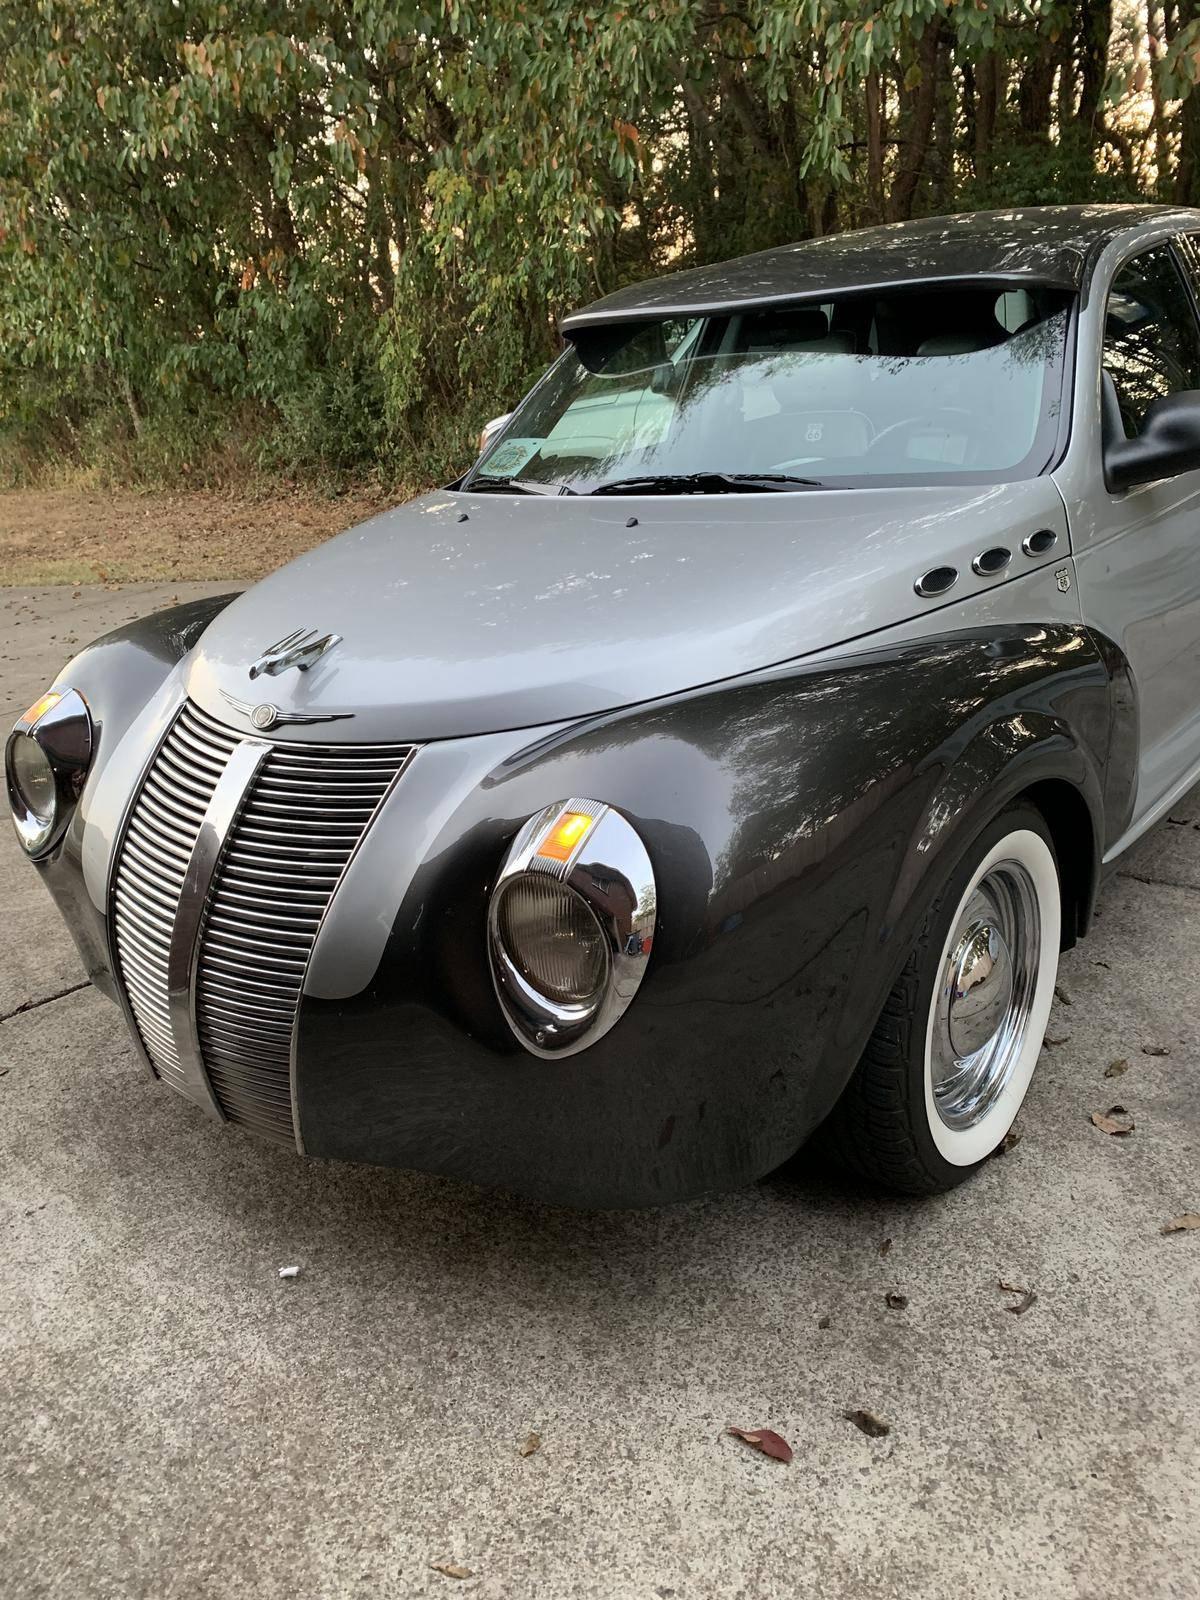 Kustom Kruiser: 2004 Chrysler PT Cruiser